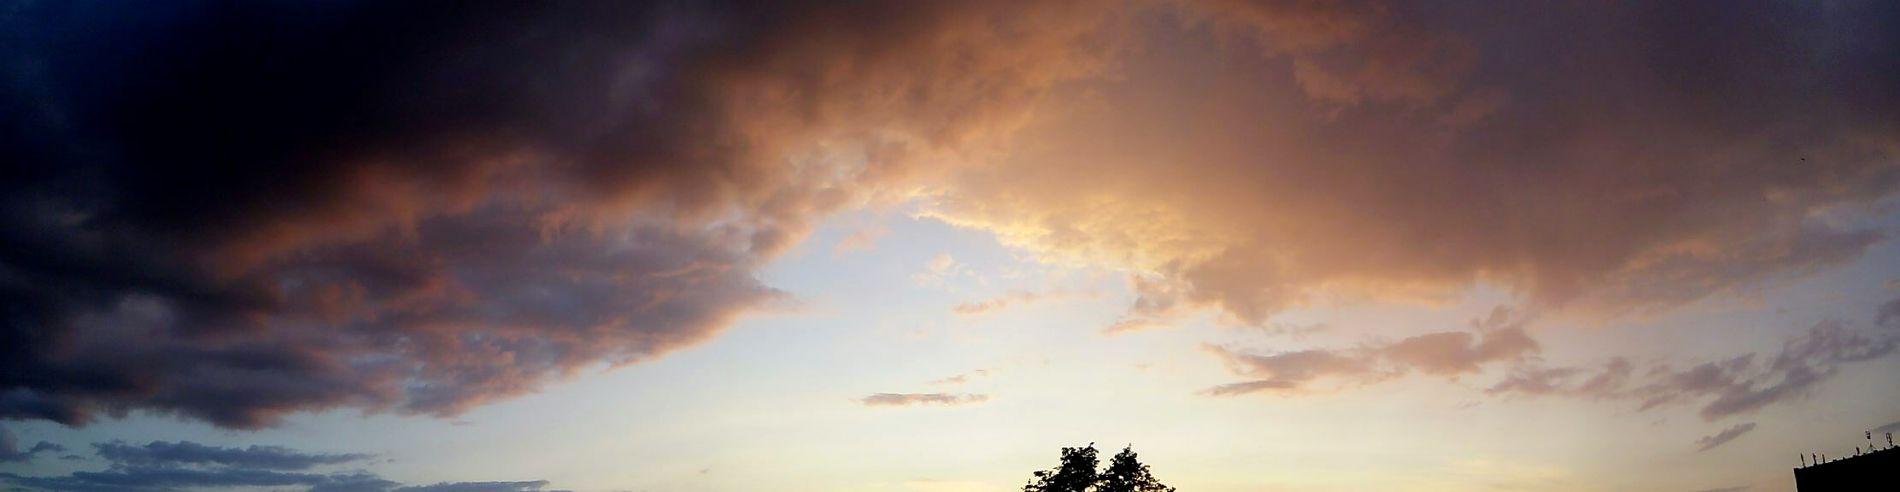 Sky Lovesky Skyporn Skylovers SKYY Likeit Likesky Beautiful Beautiful Day Nature Likenature Sobeautiful♡♡♡